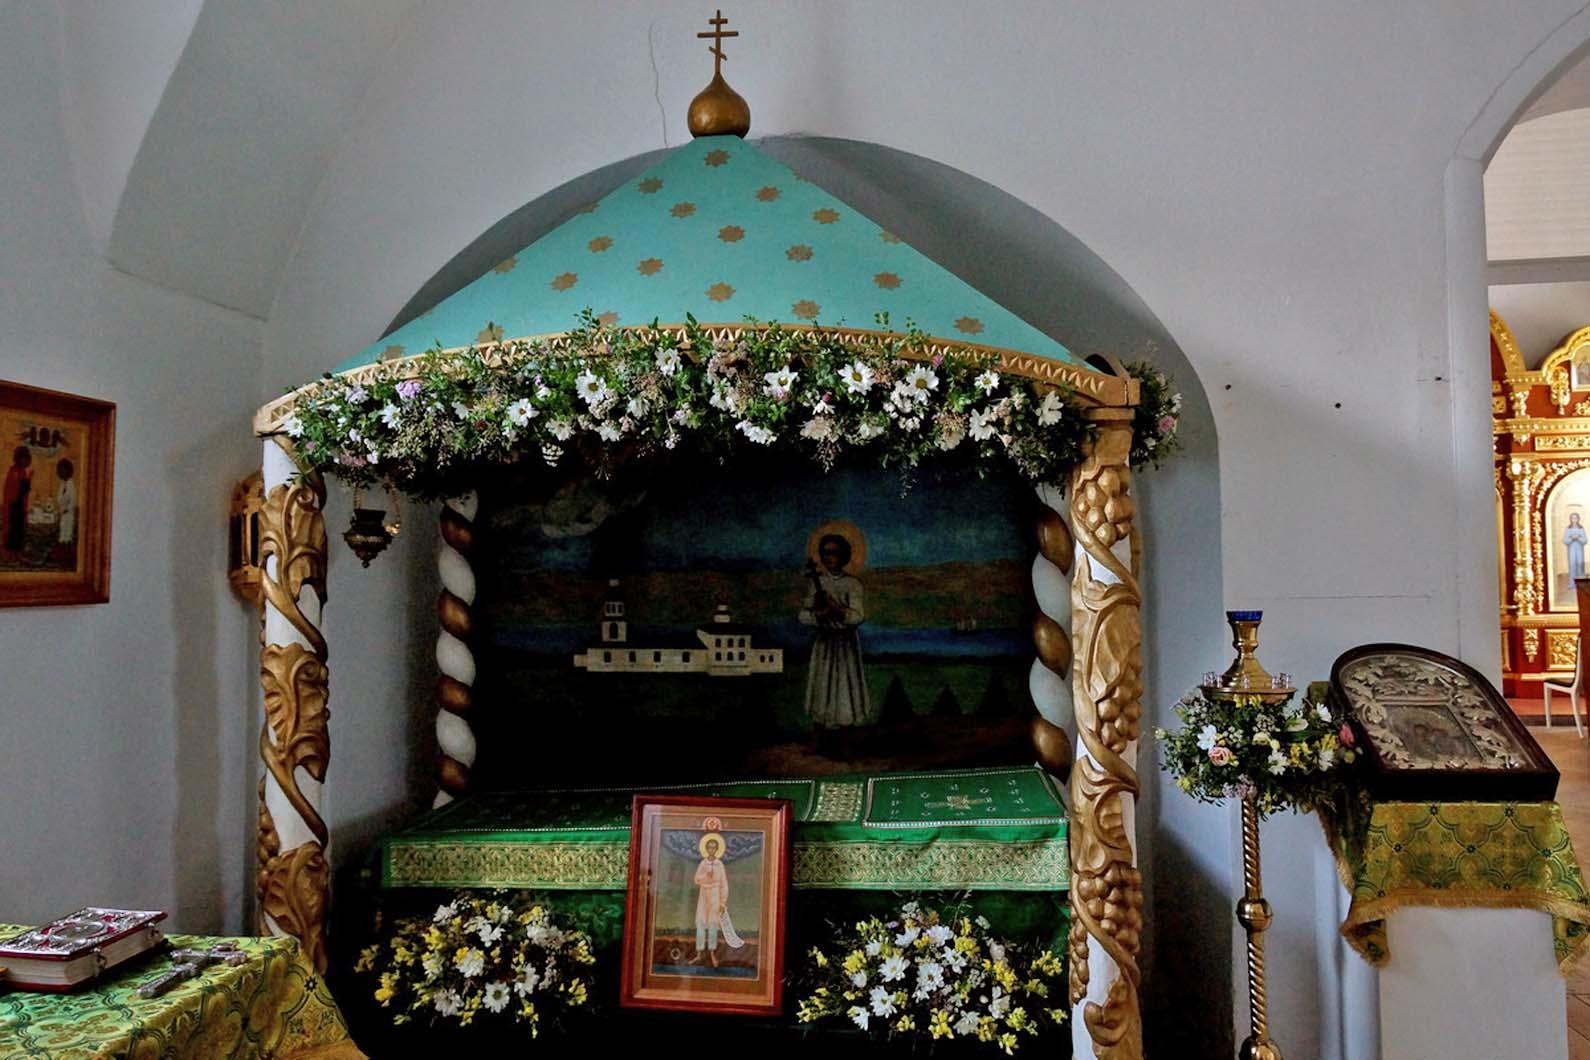 В Веркольском монастыре прошел праздник святого отрока Артемия Фоторепортаж. Часть первая. Всенощное бдение.